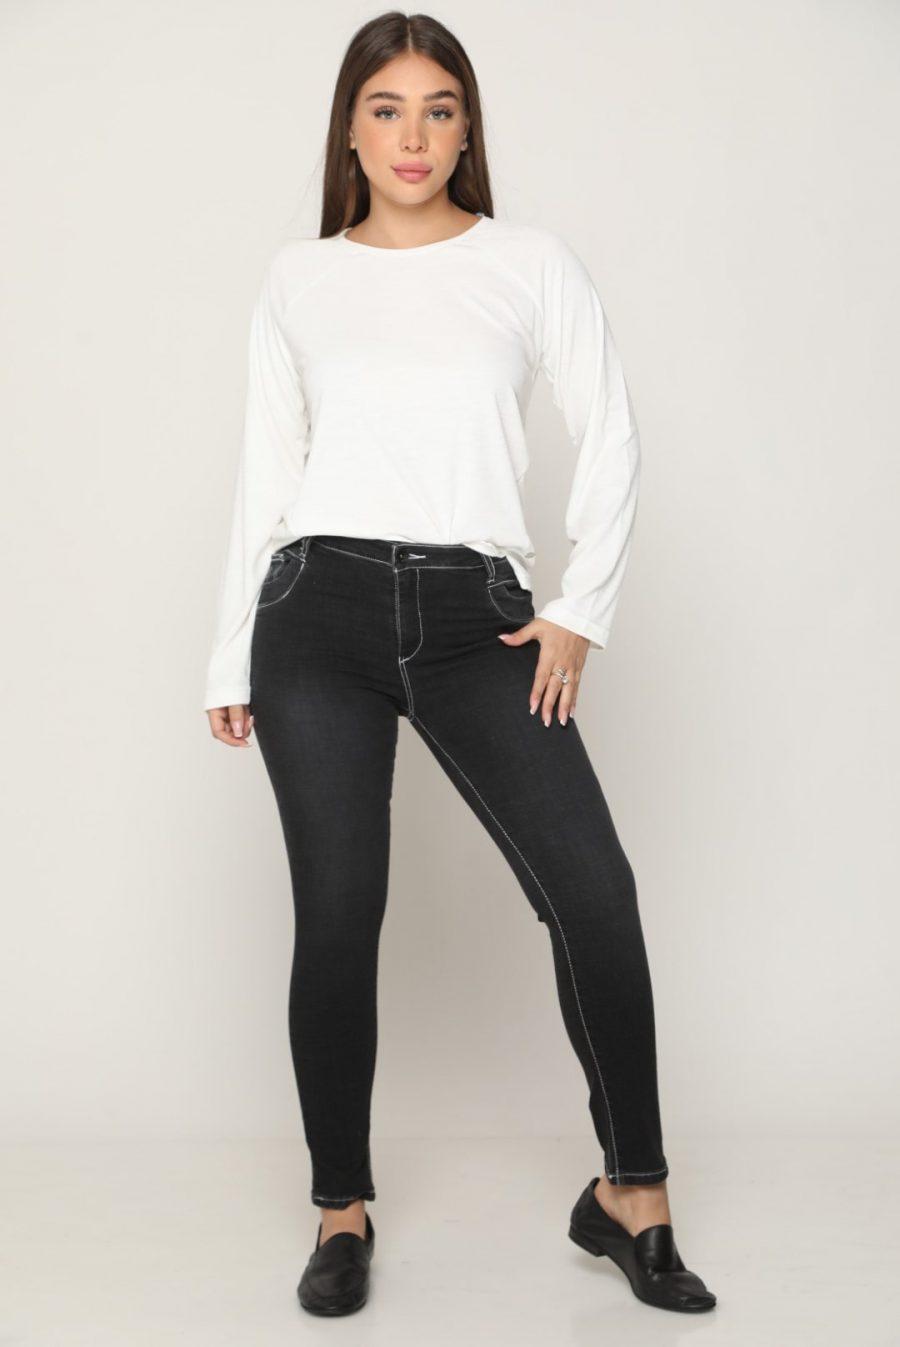 מכנס ג'ינס מחטב תיפורים שחור